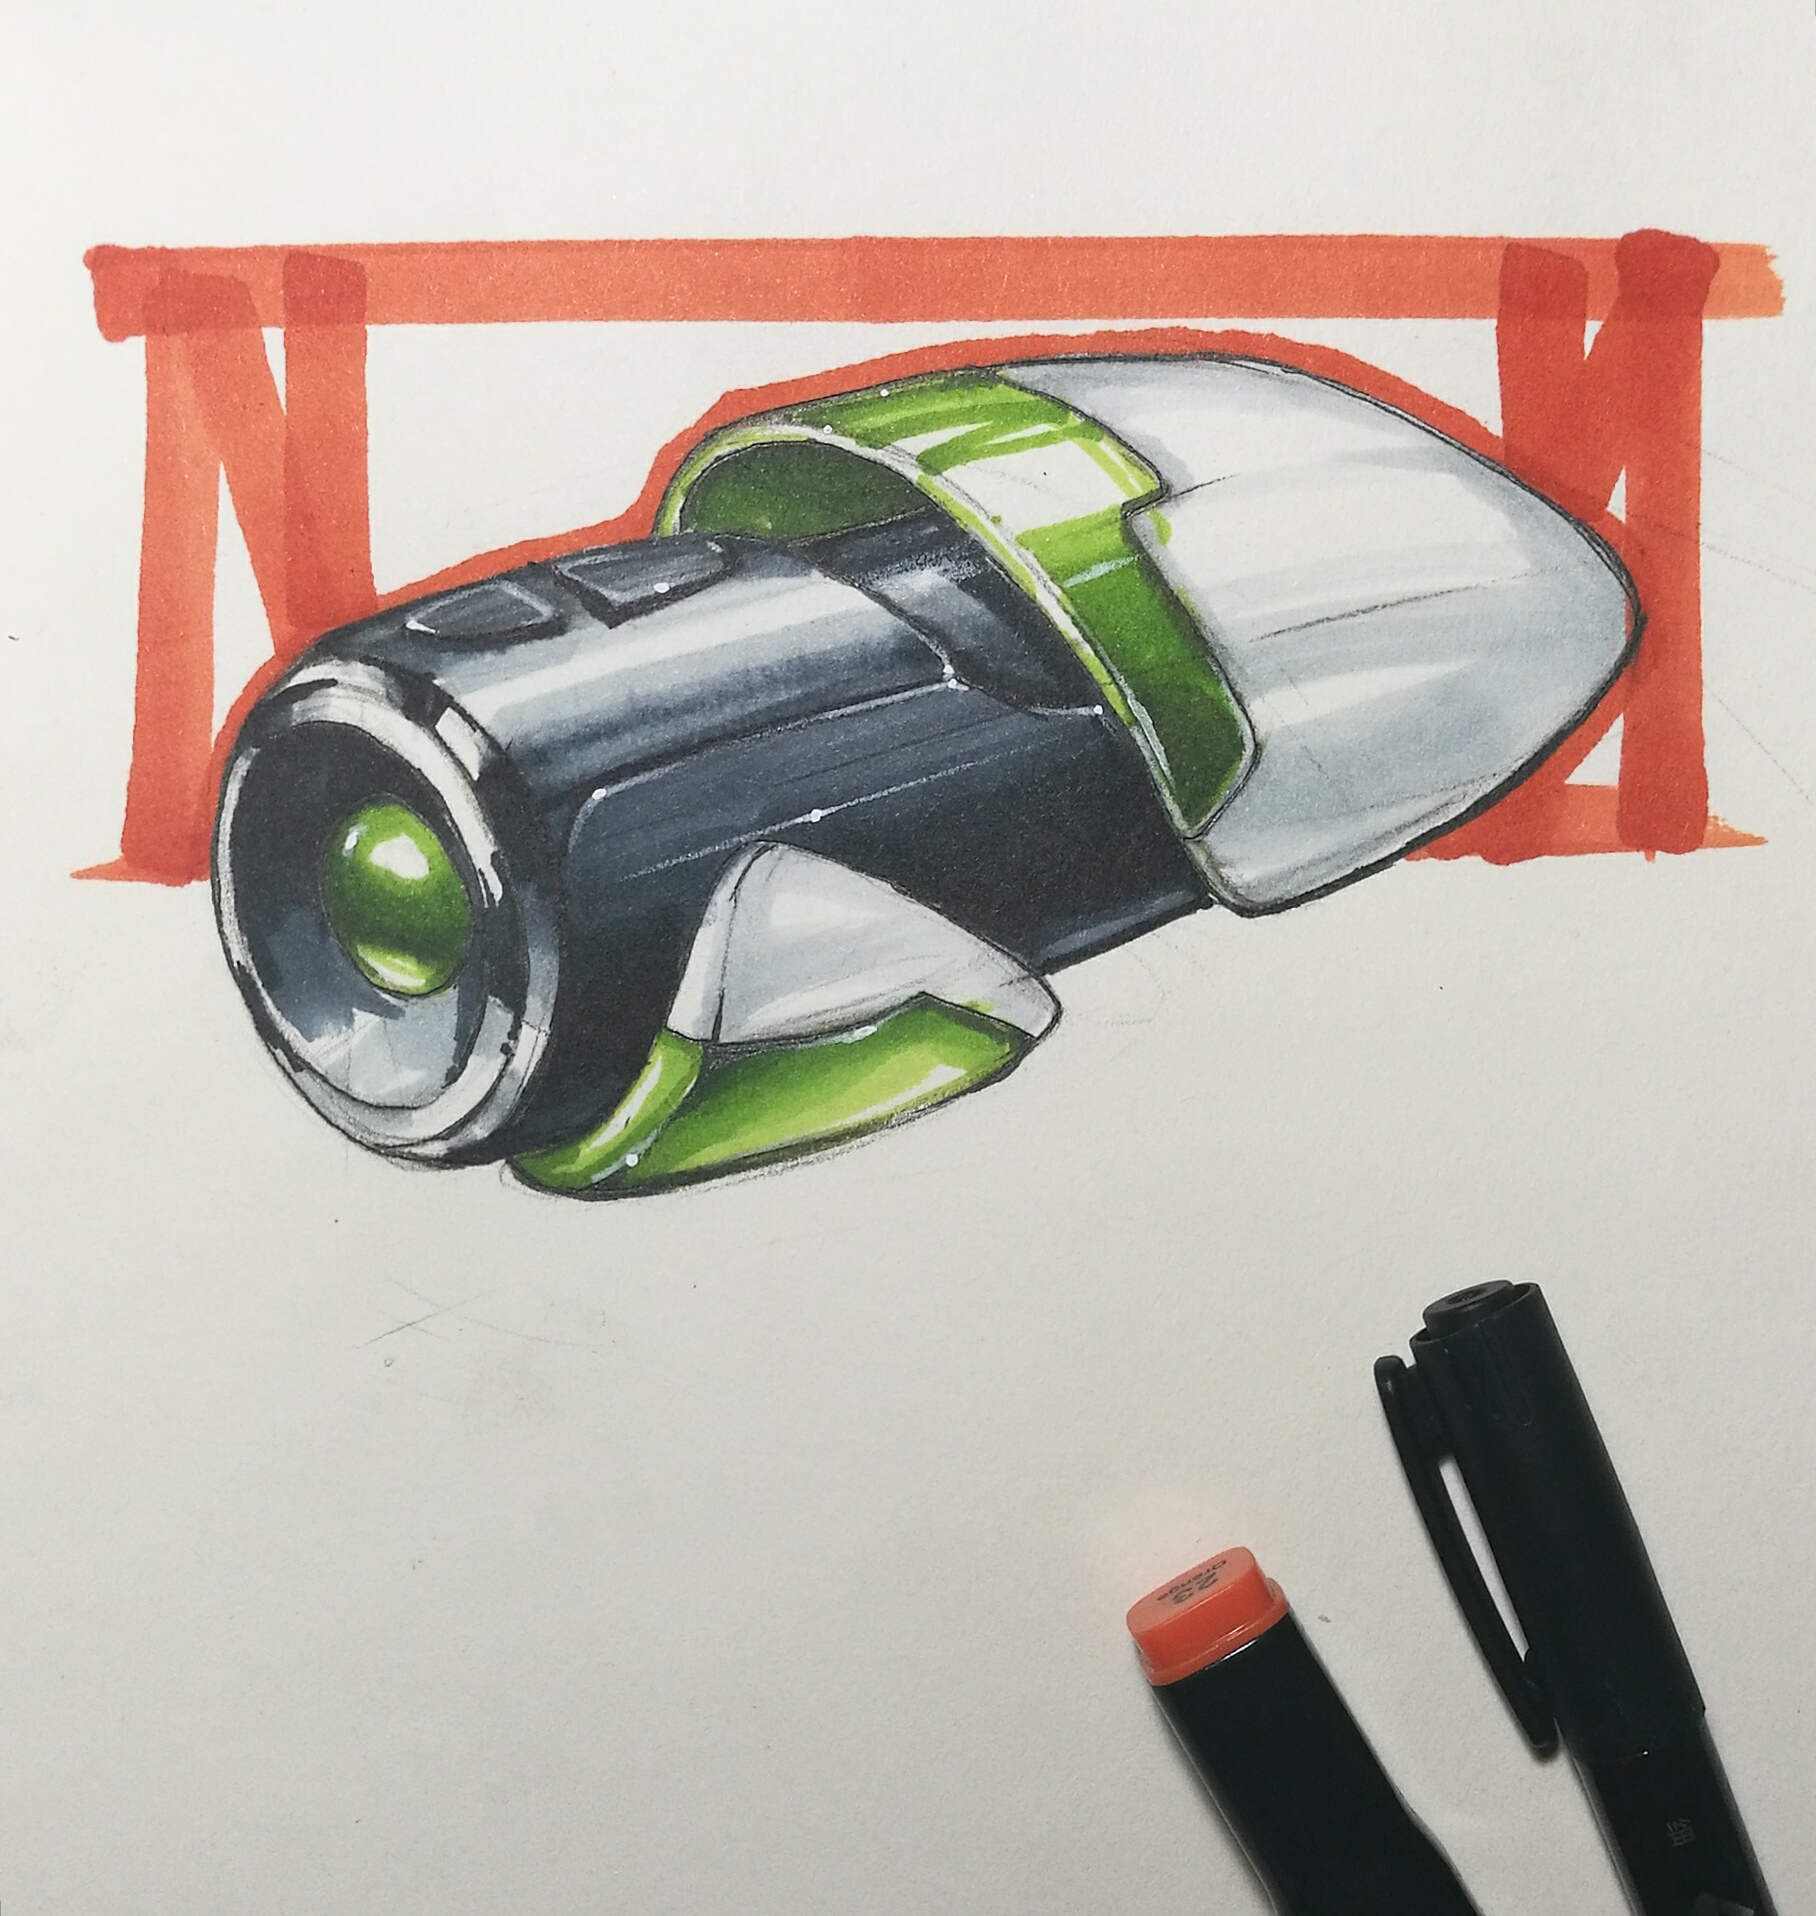 工业设计马克笔手绘 不定期更新|工业/产品|电子产品